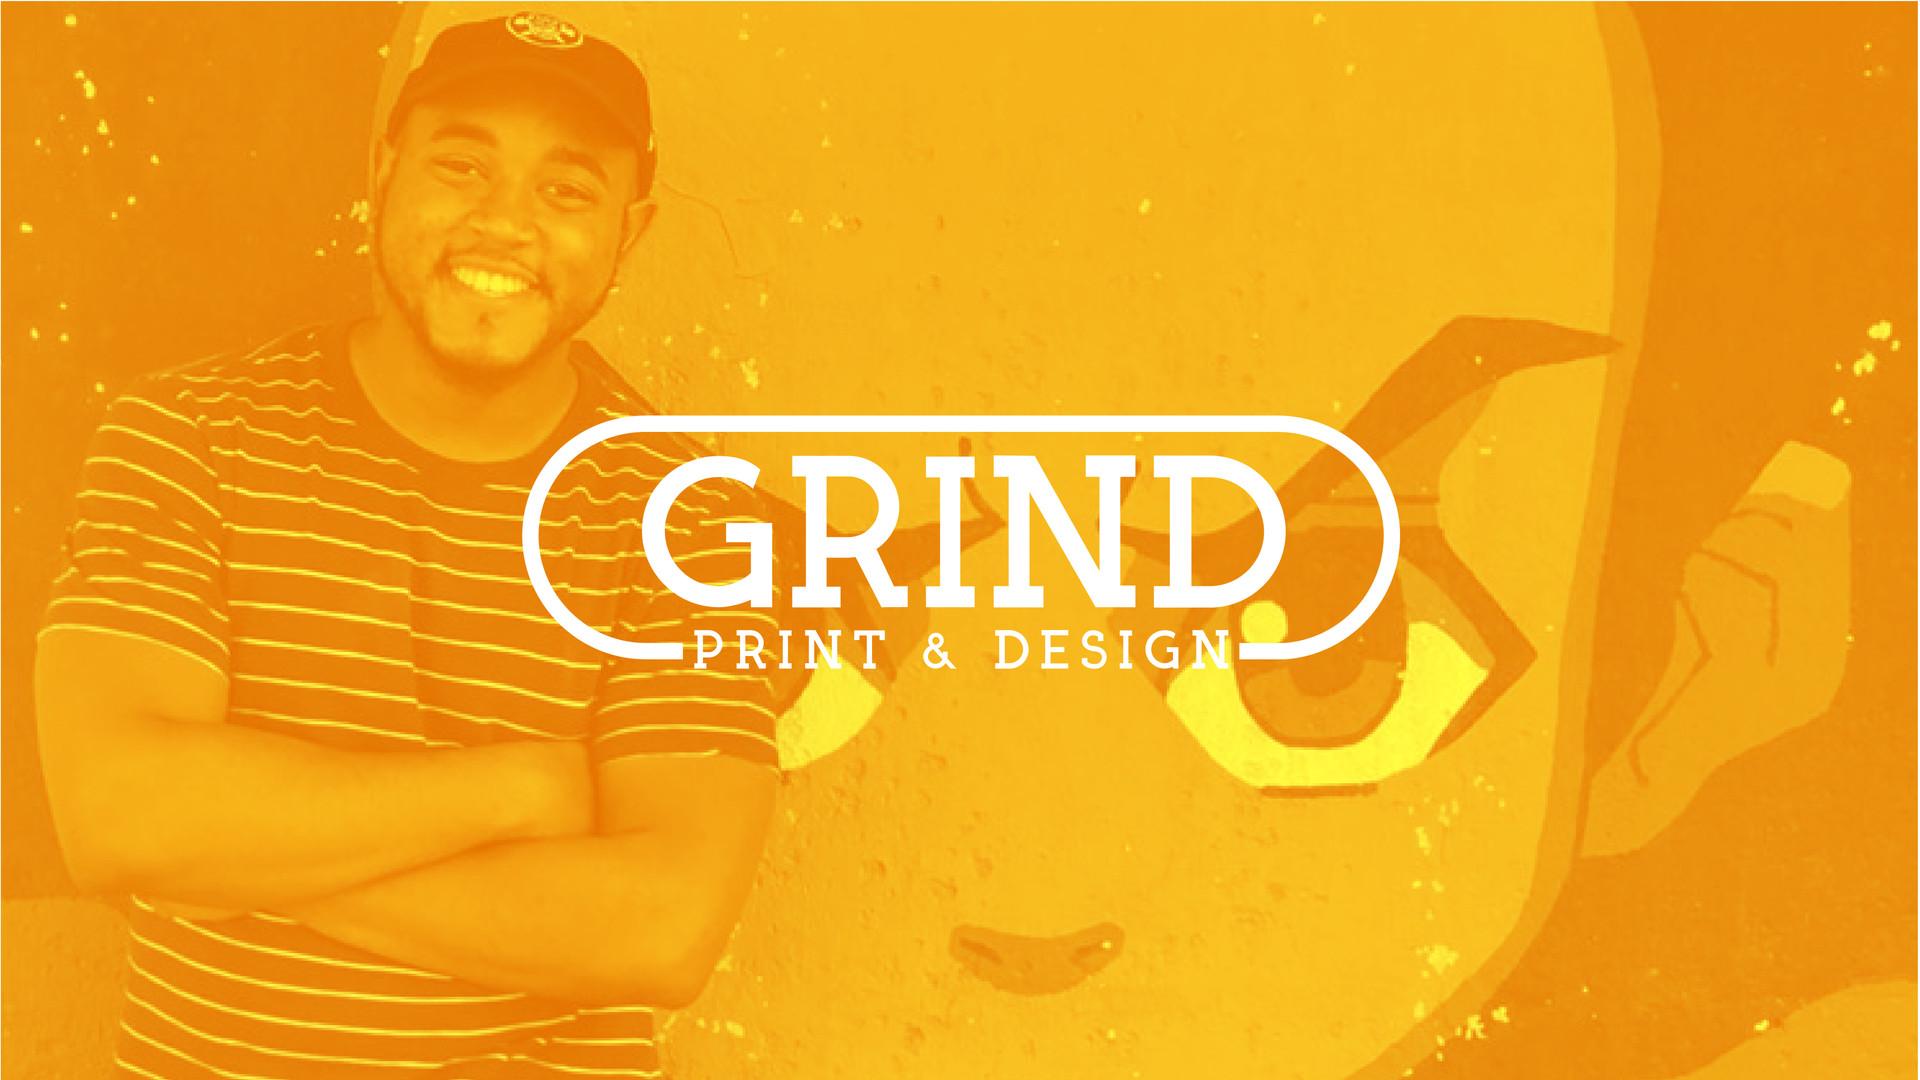 Grind Print & Design Logo